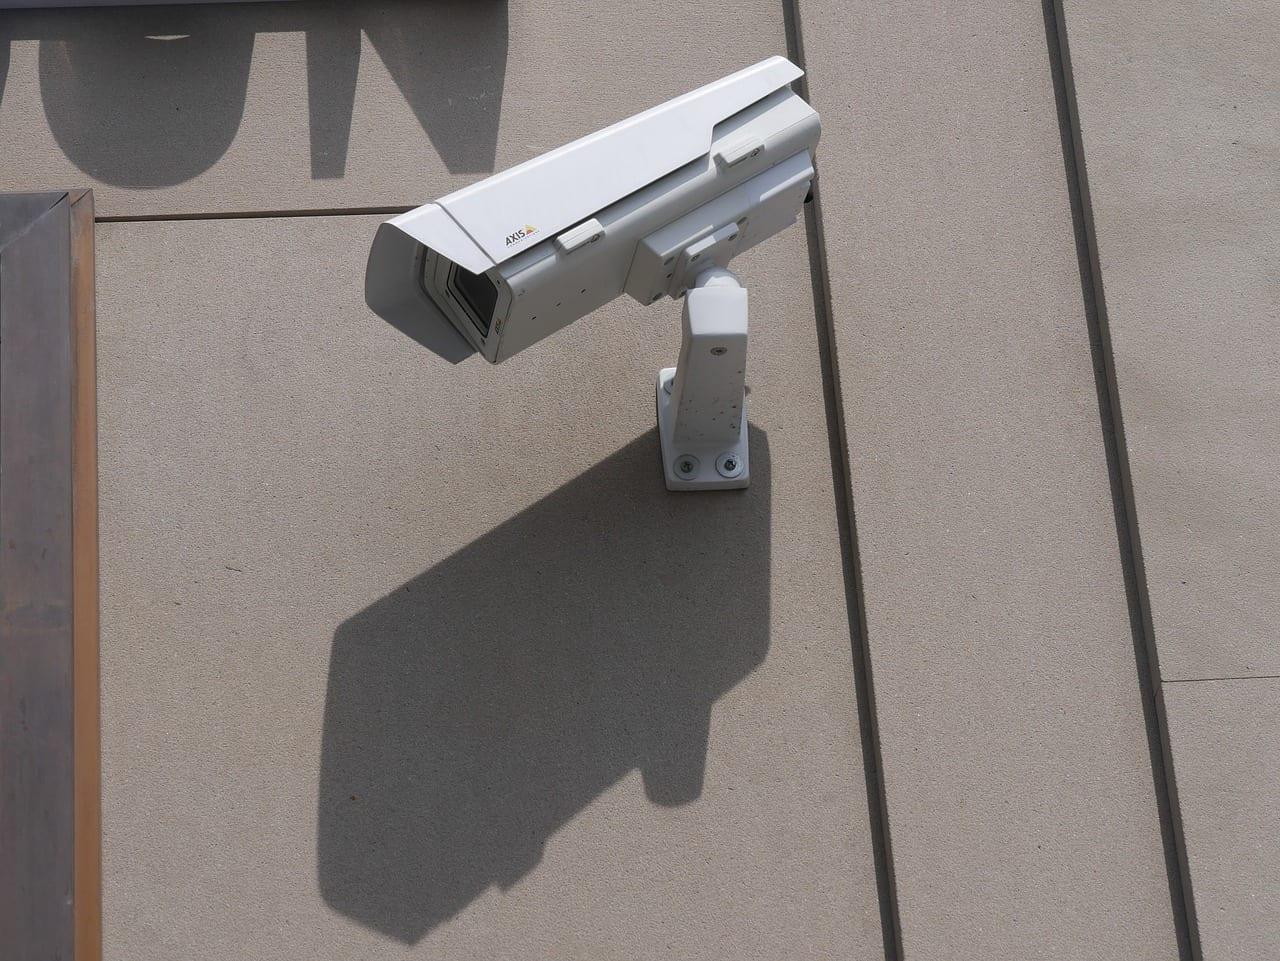 Videoovervågning din sikkerhed er vigtig kontakt ODENSE EL på 65905510